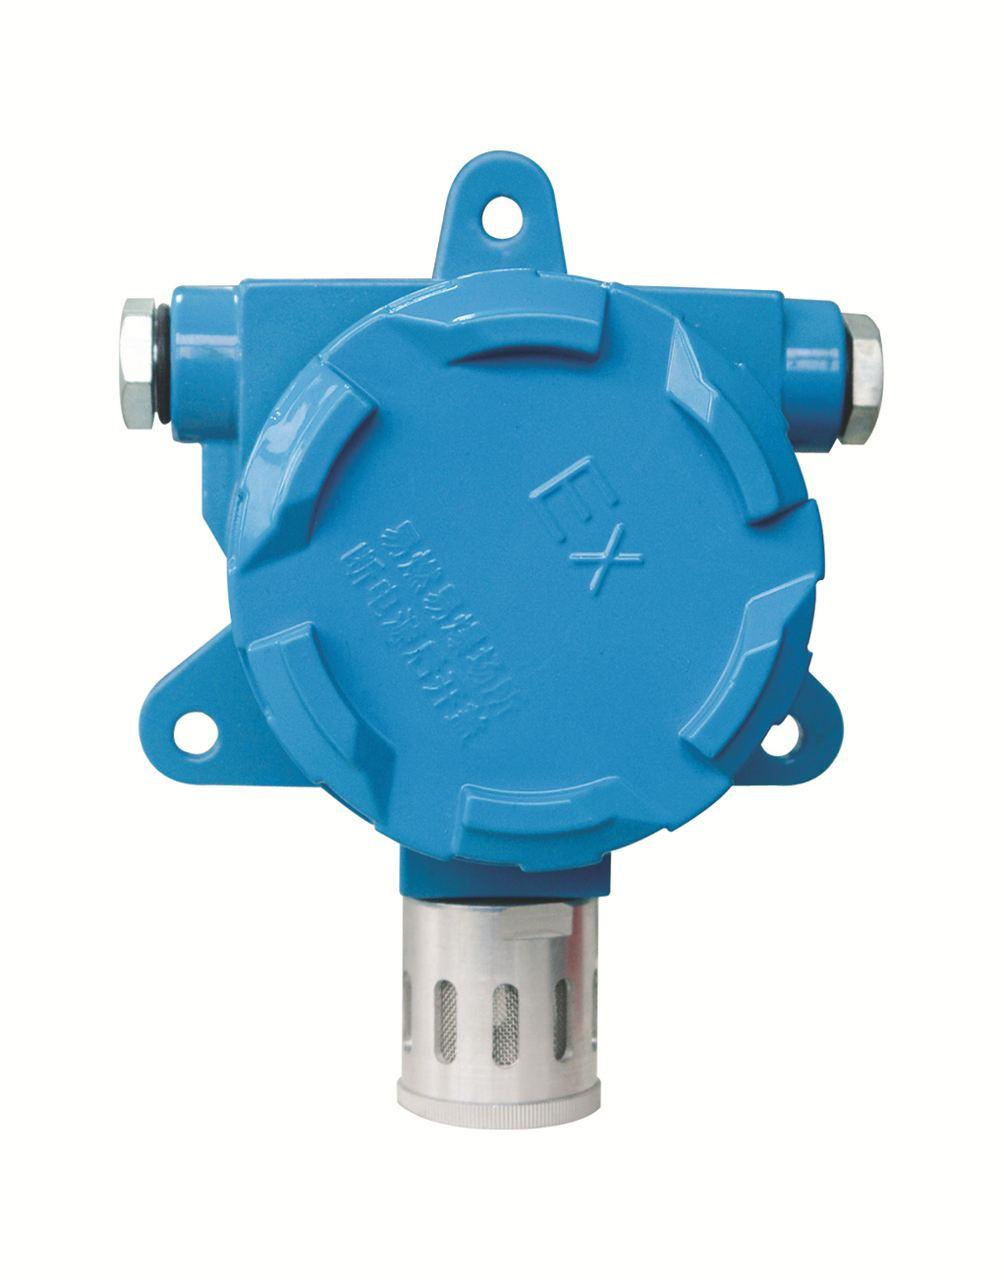 适用于天然气等可燃气体泄漏的探测器